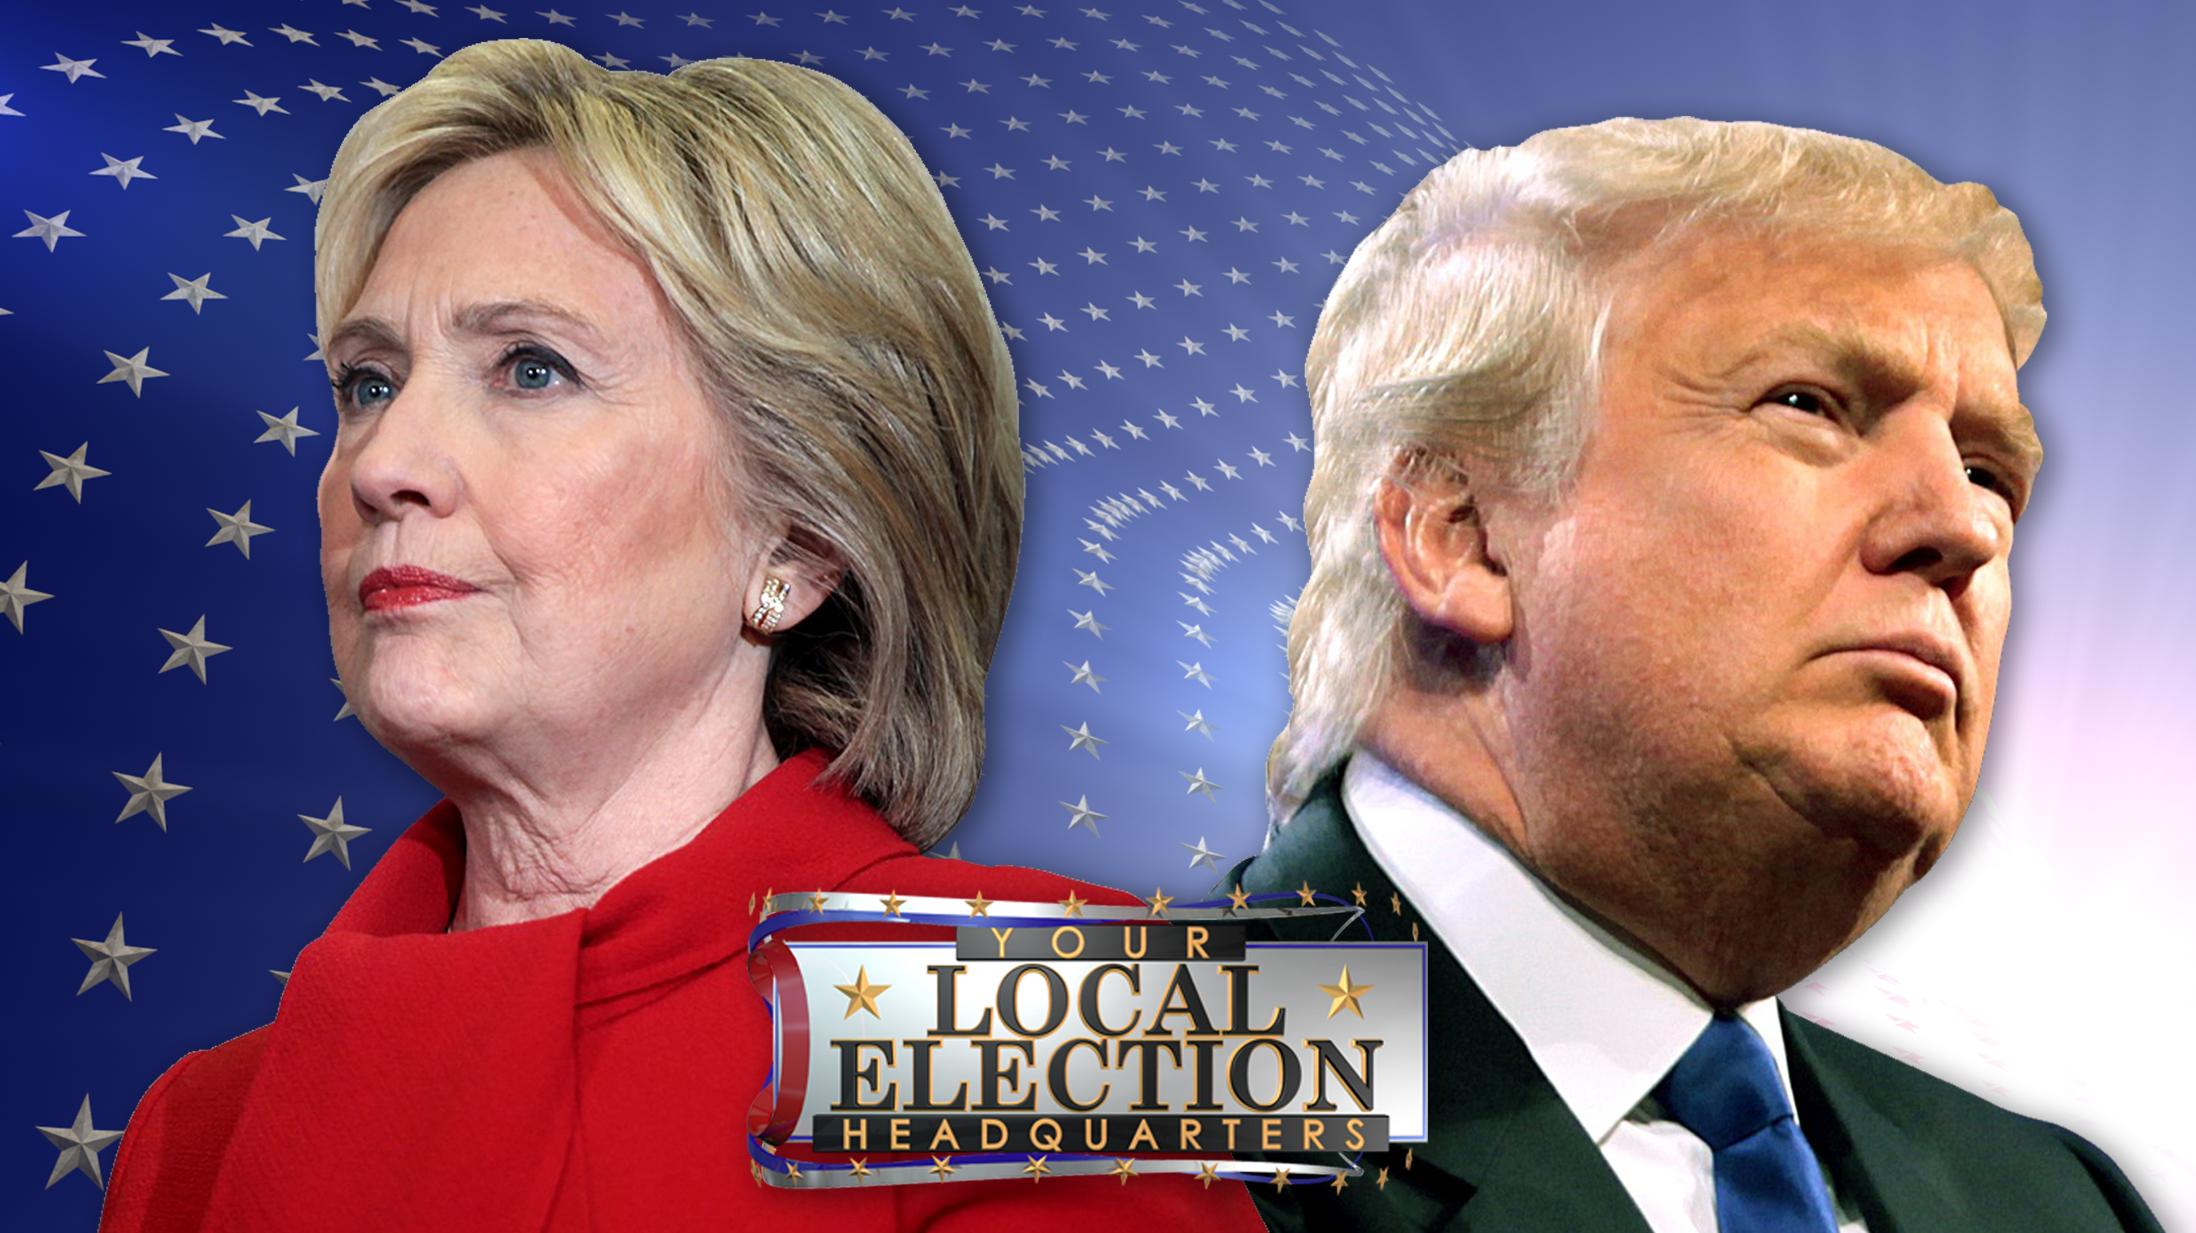 NY PRIMARY Clinton Trump_1461116946211.jpg